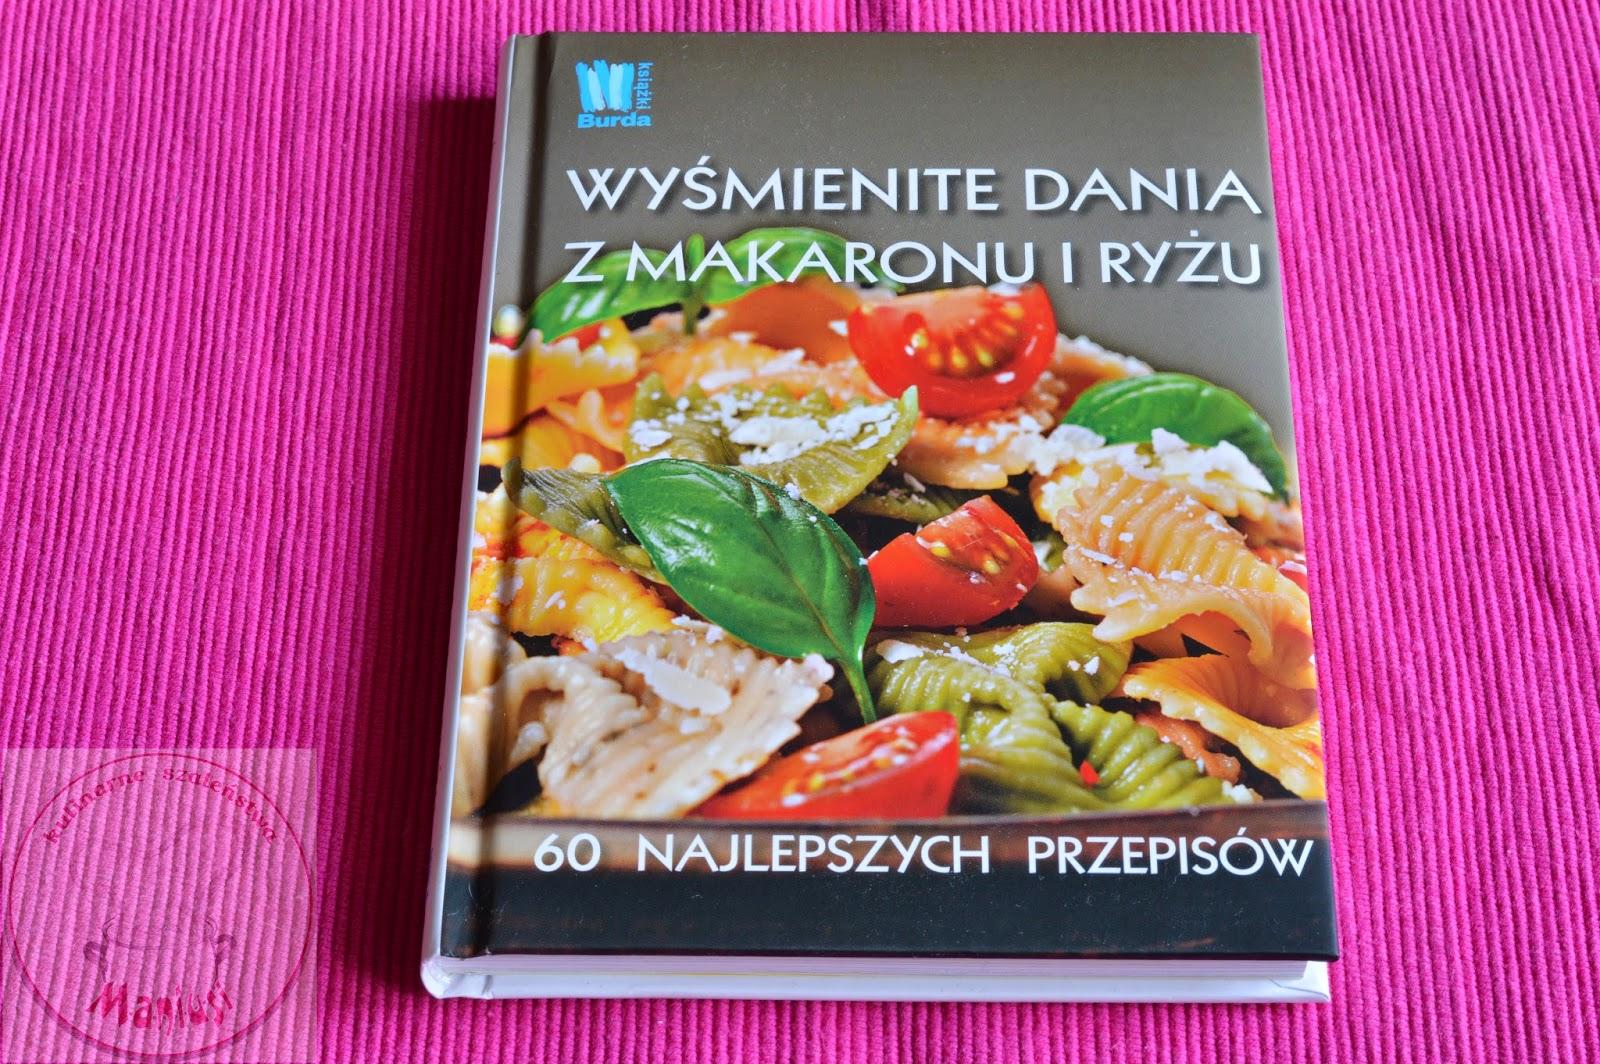 Książka Wyśmienite dania z makaronu i ryżu - recenzja